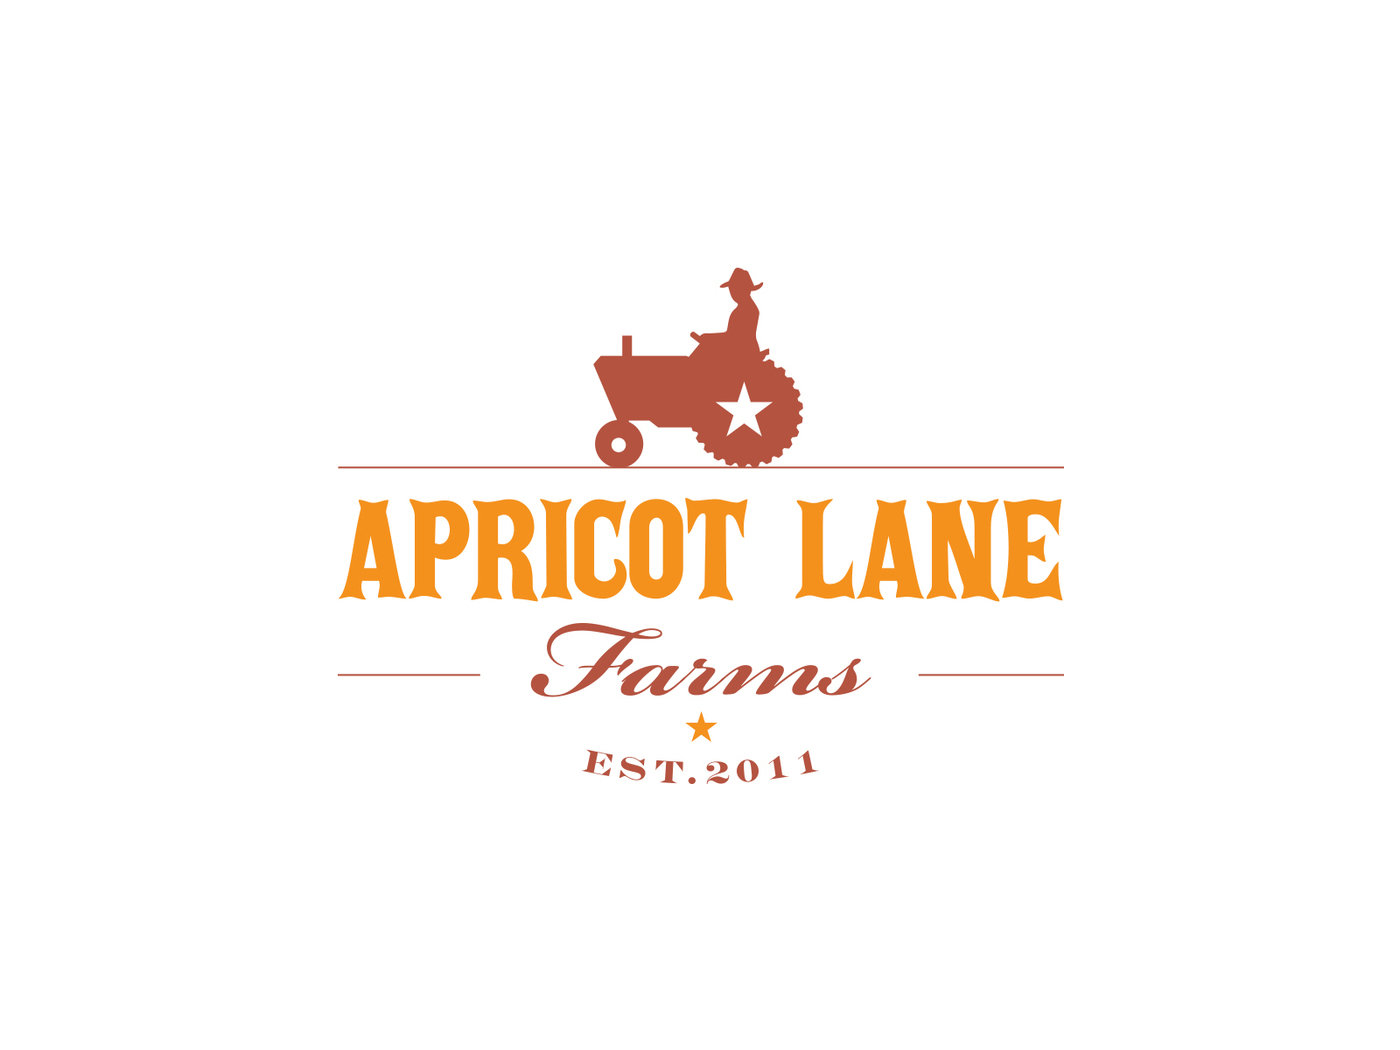 Apricot Lane Farms